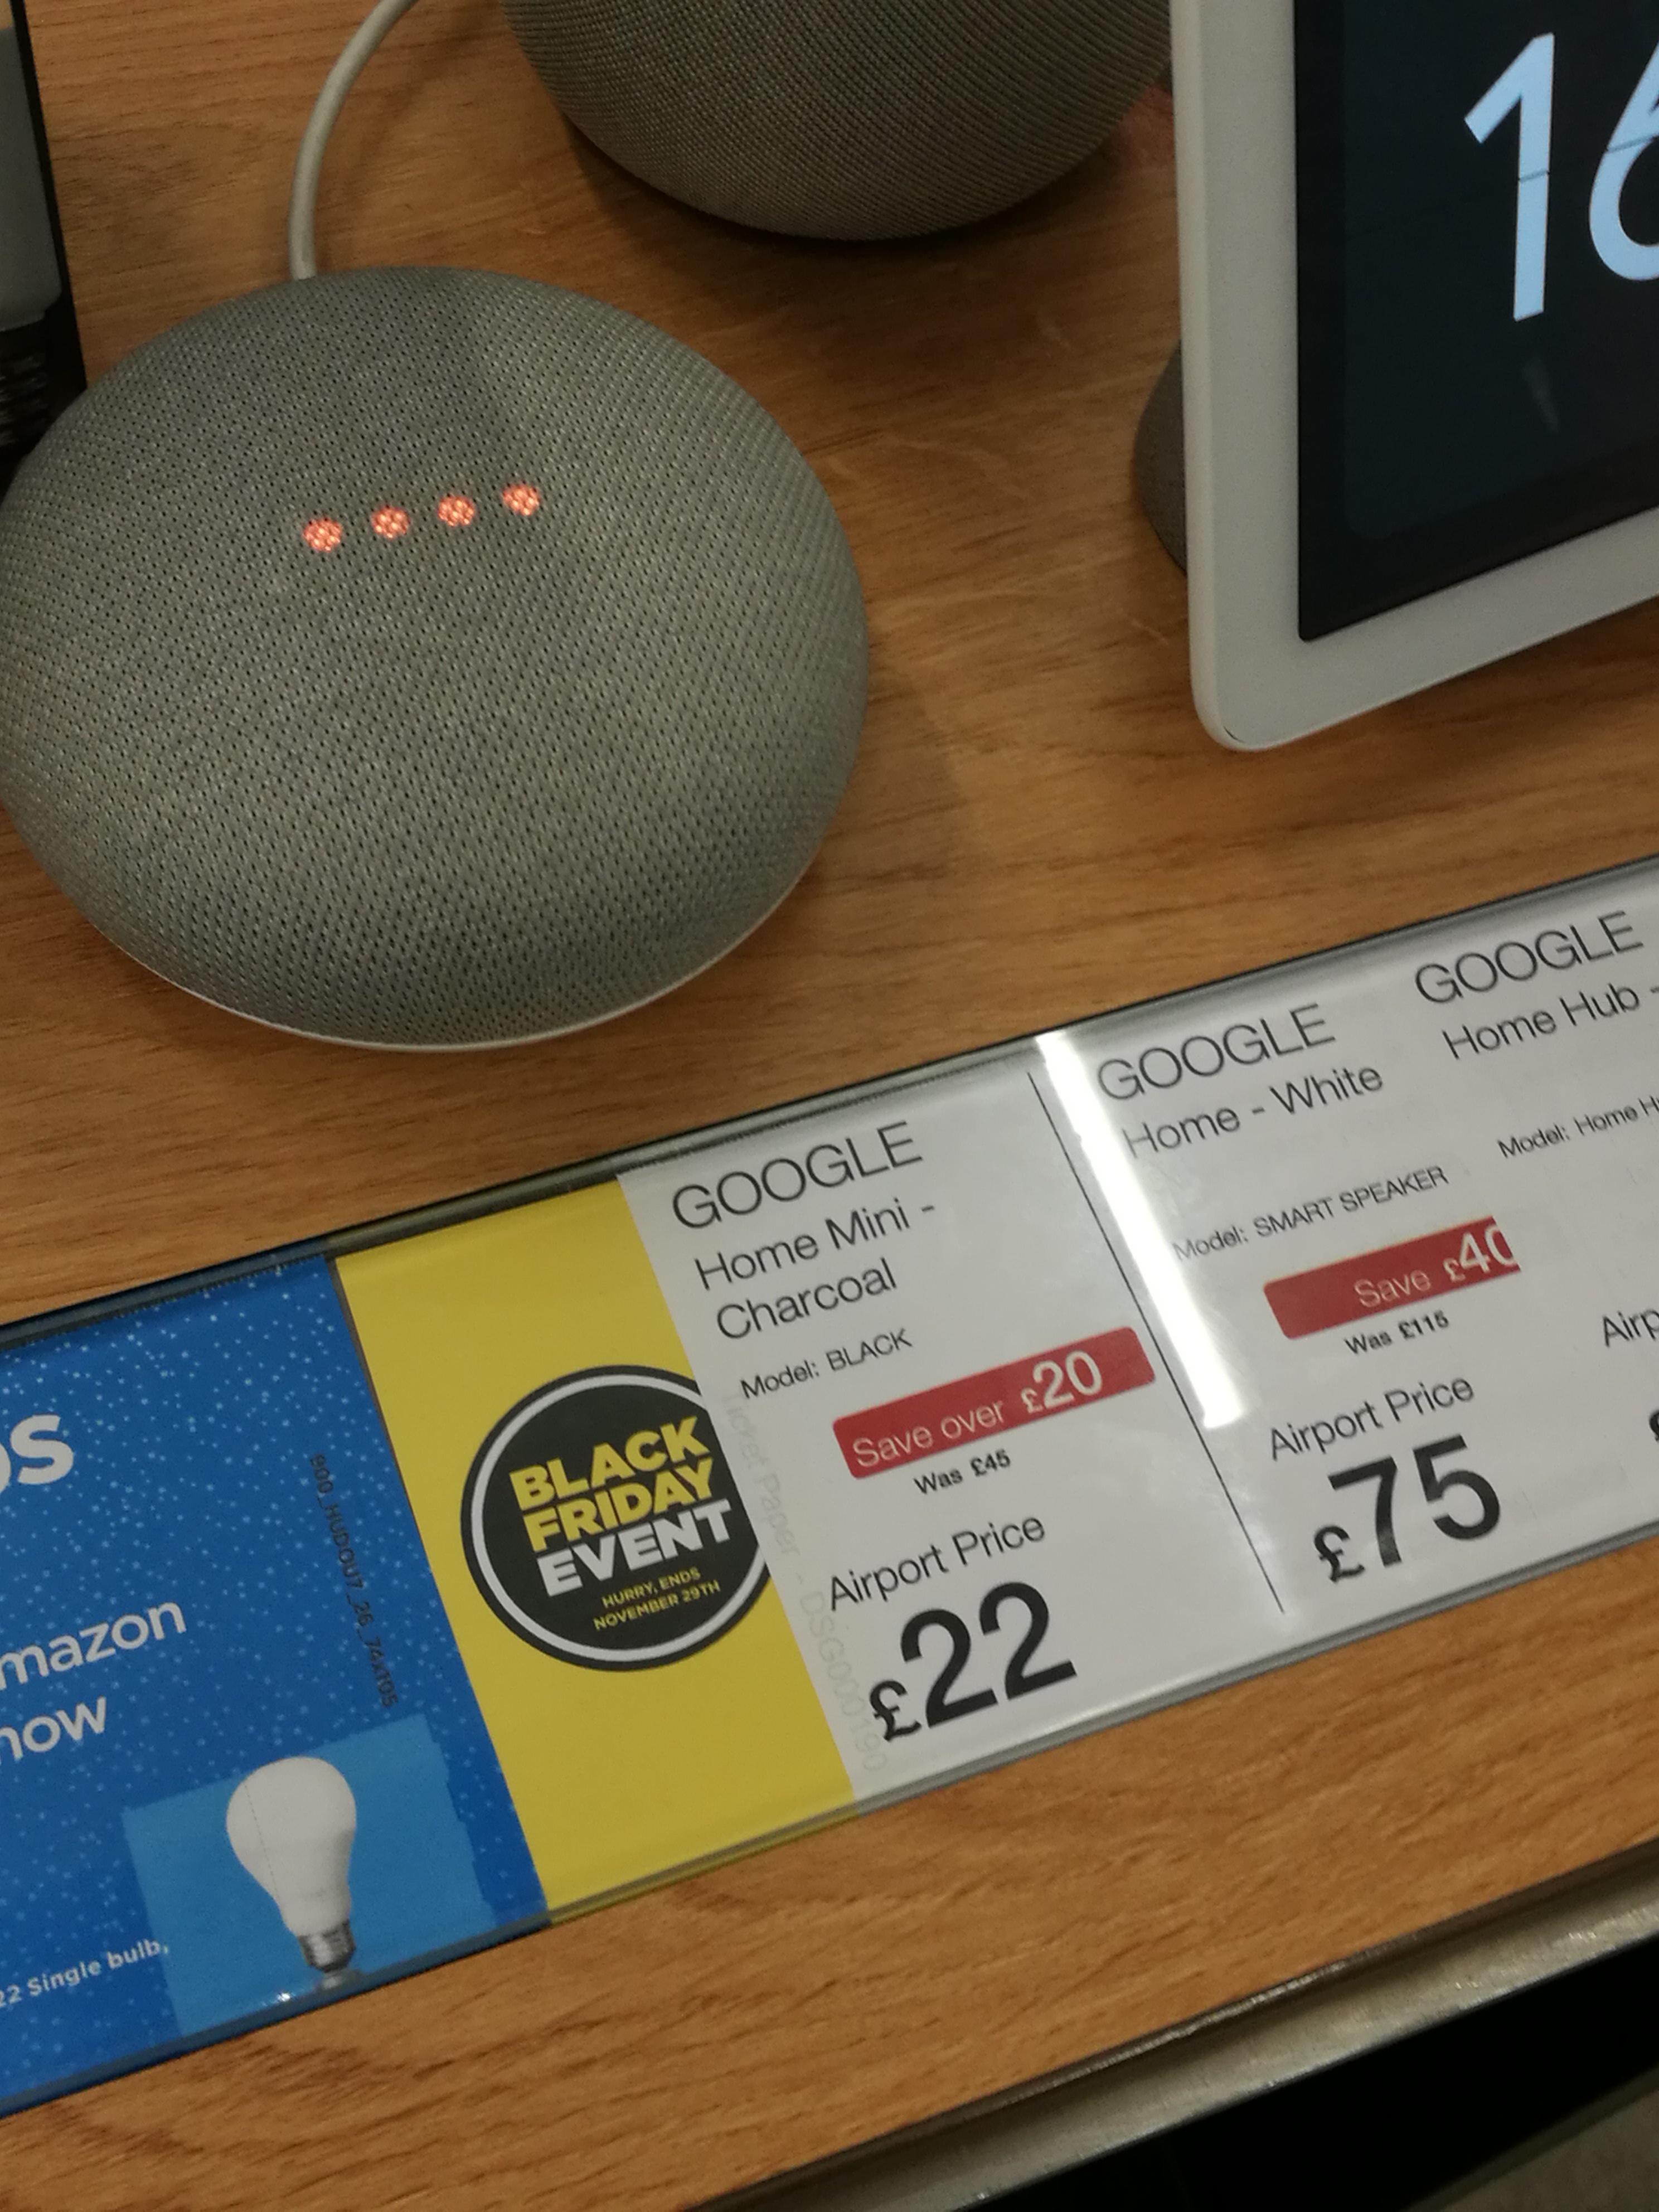 Google home mini £22 at Dixons Airport